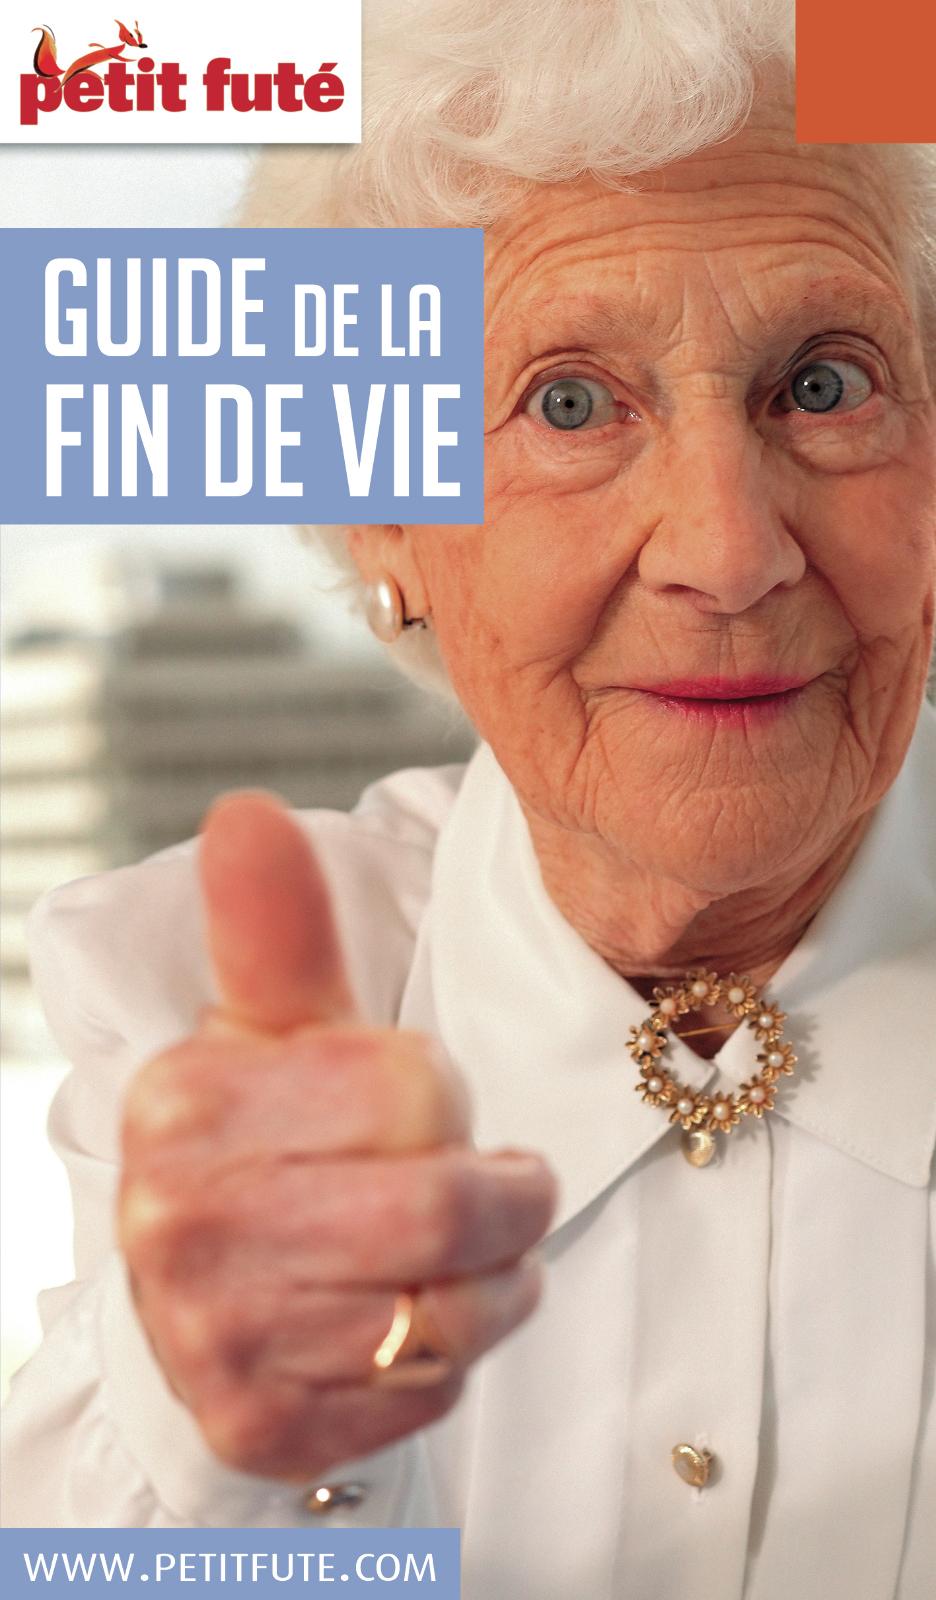 GUIDE DE LA FIN DE VIE 2018/2019 Petit Futé